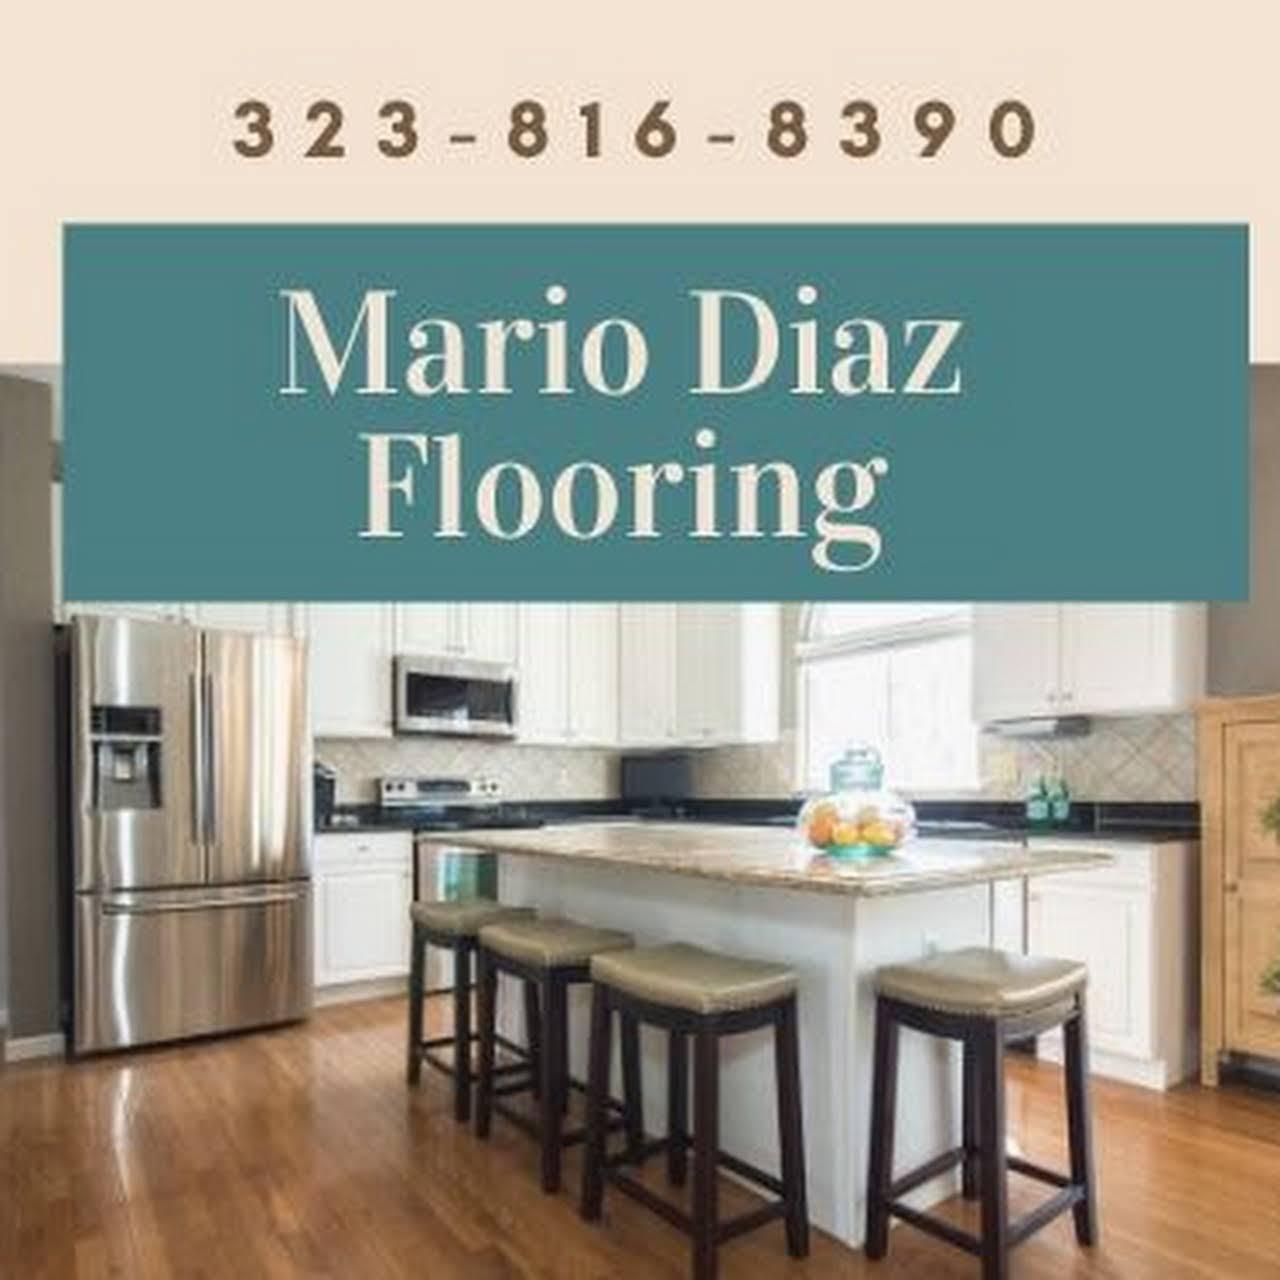 Mario Diaz Flooring General Contractor